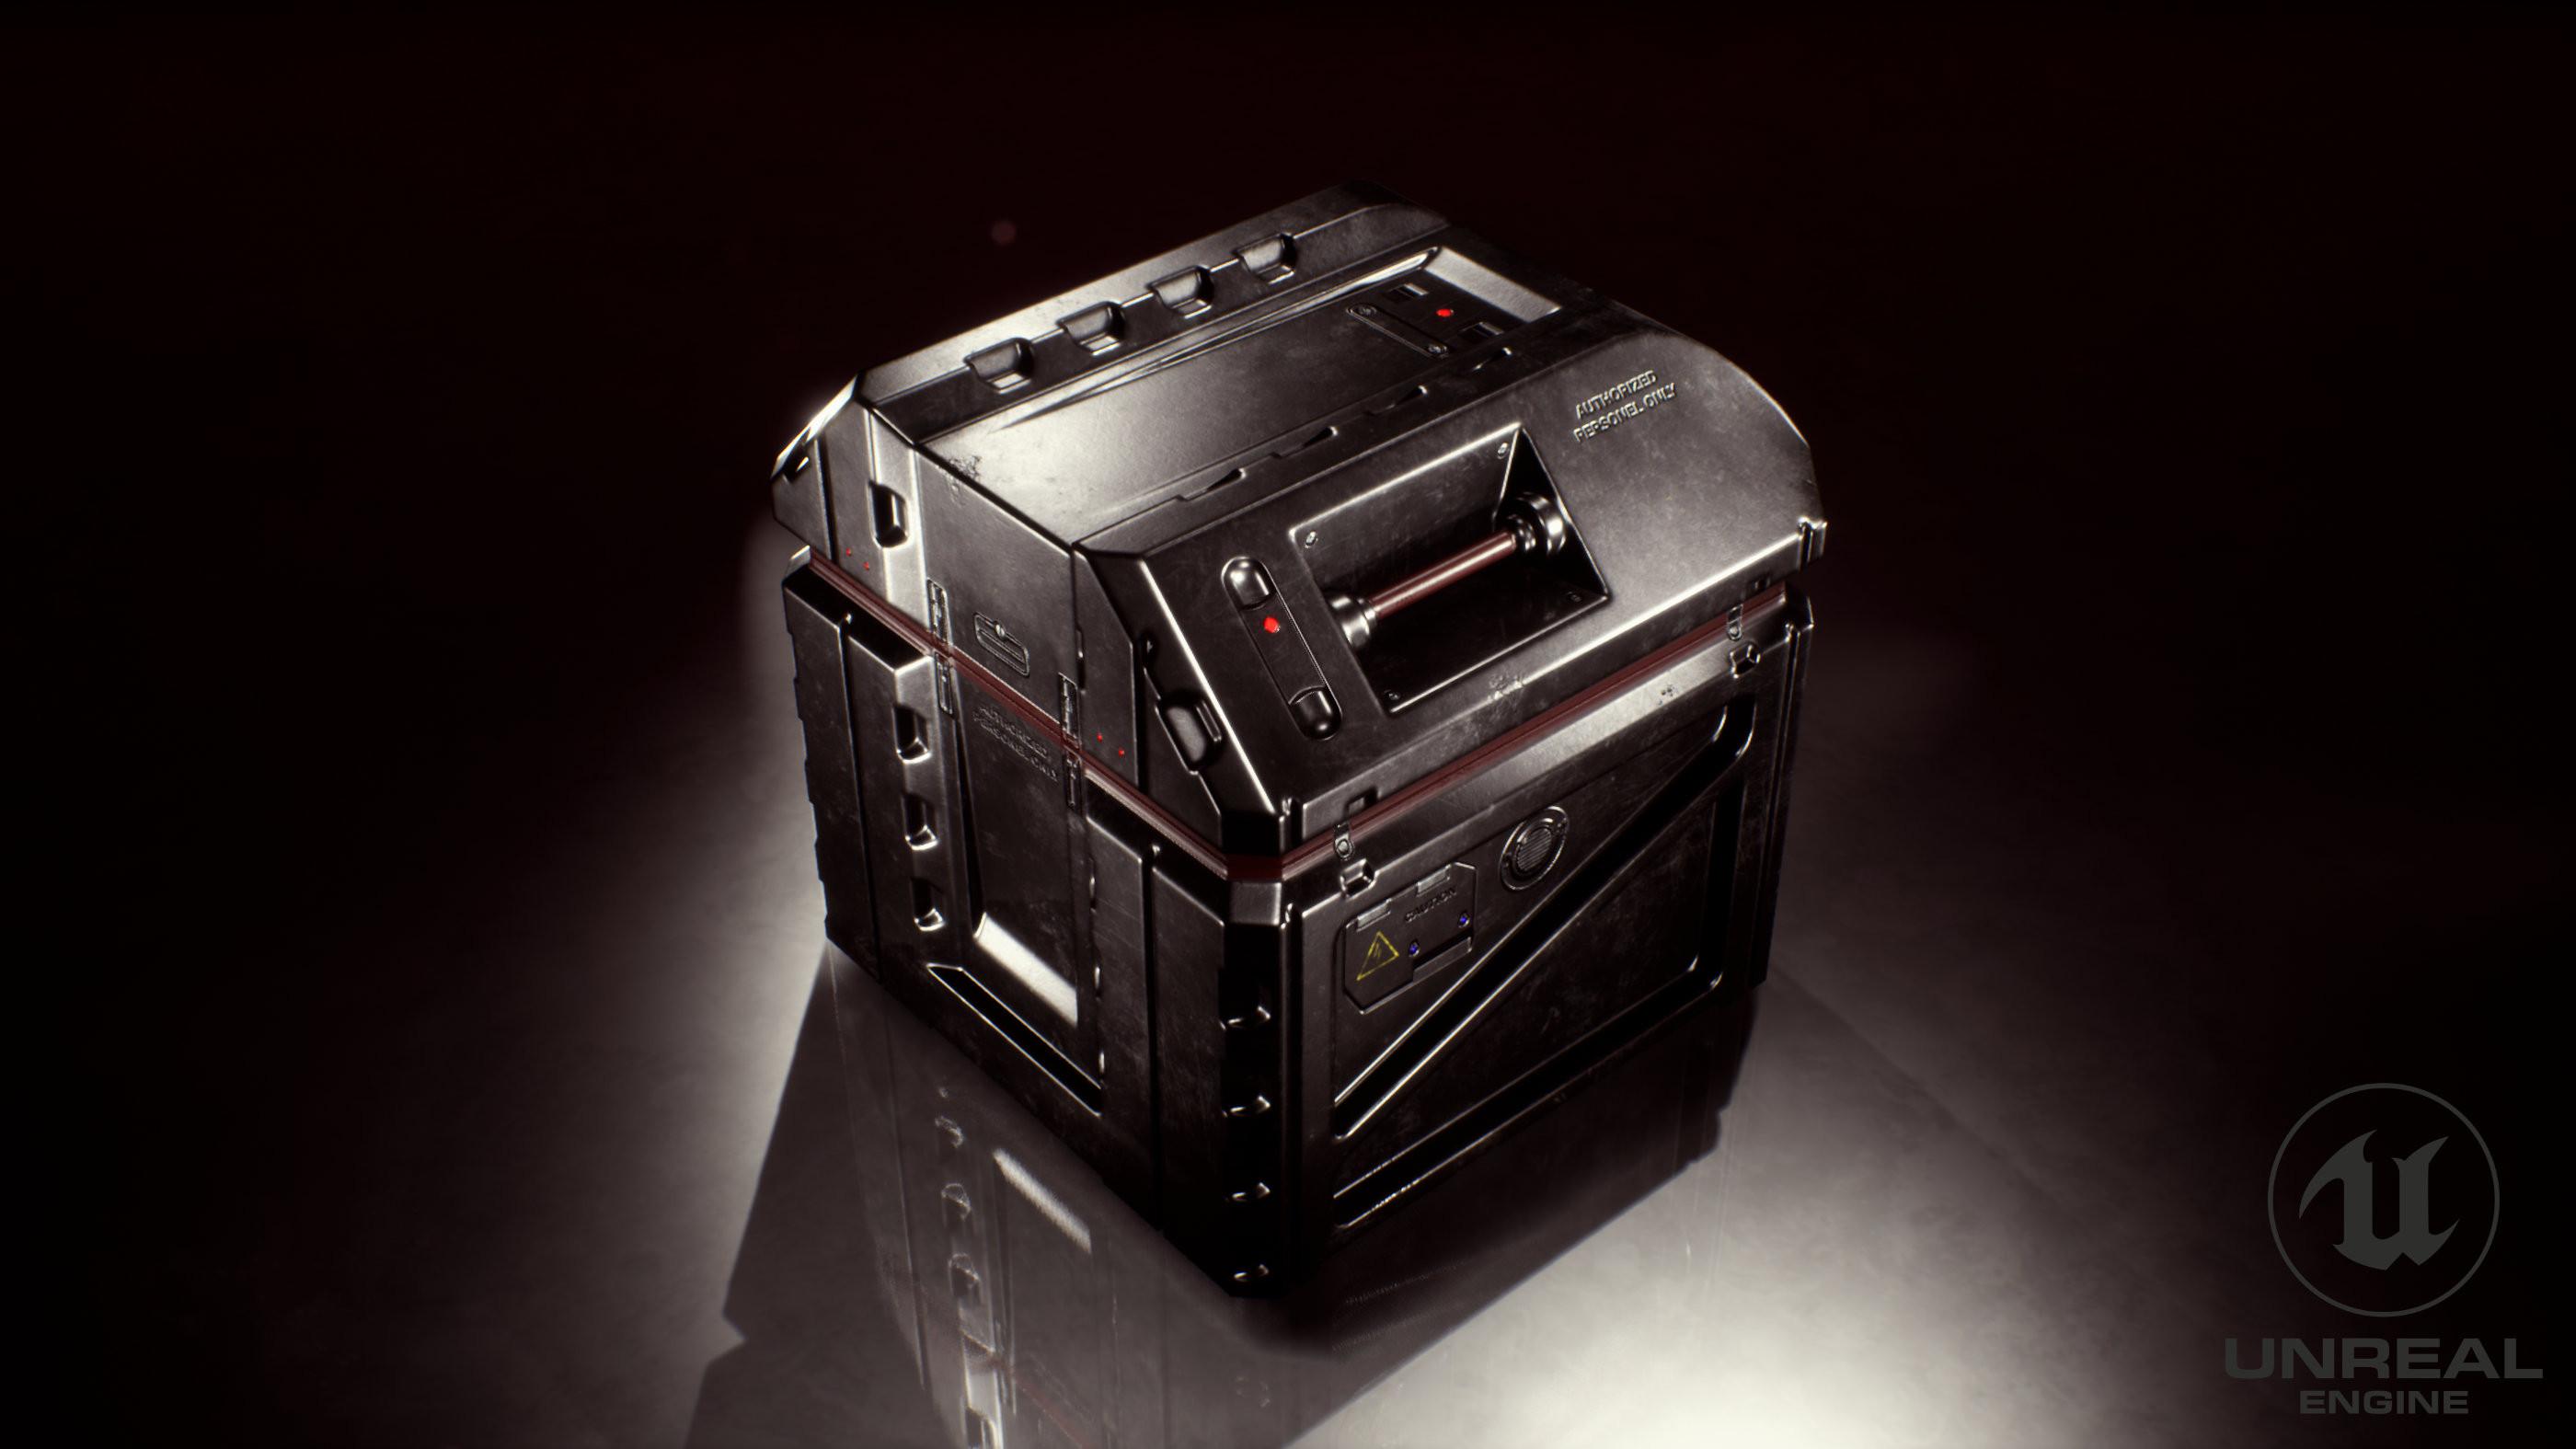 Unreal Engine 4 Render - Back